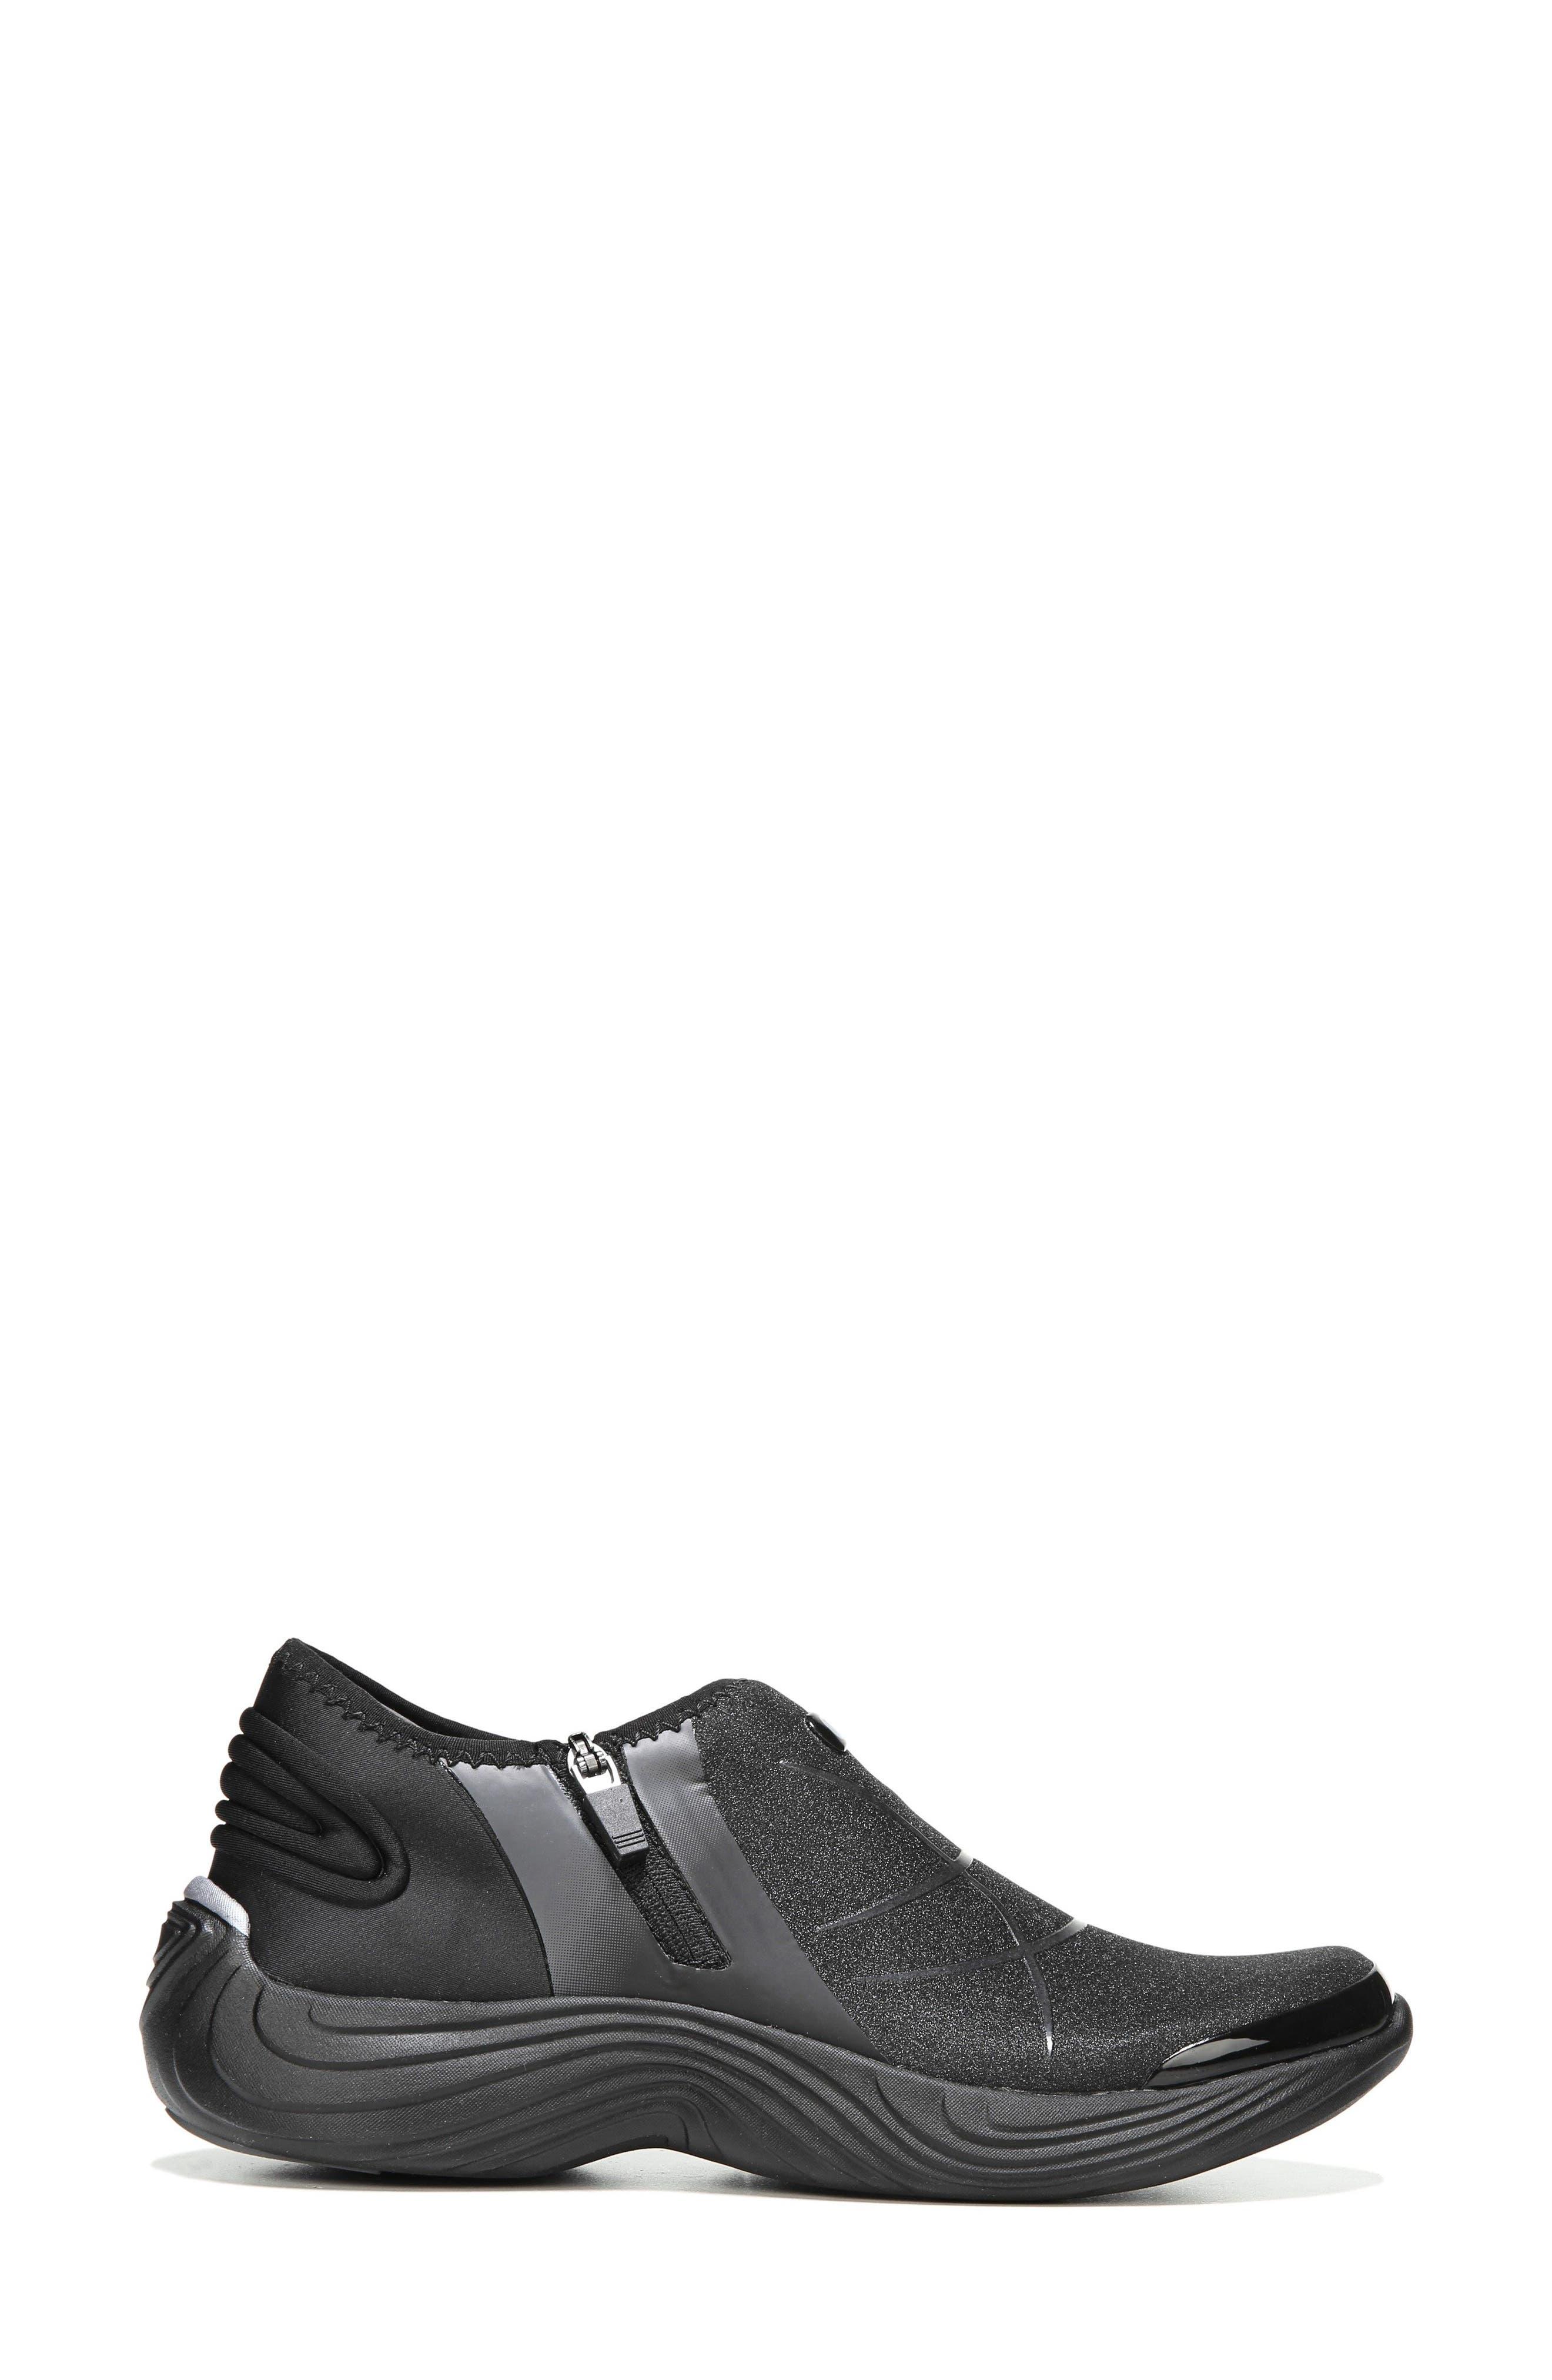 Trilogy Slip-On Sneaker,                             Alternate thumbnail 3, color,                             001